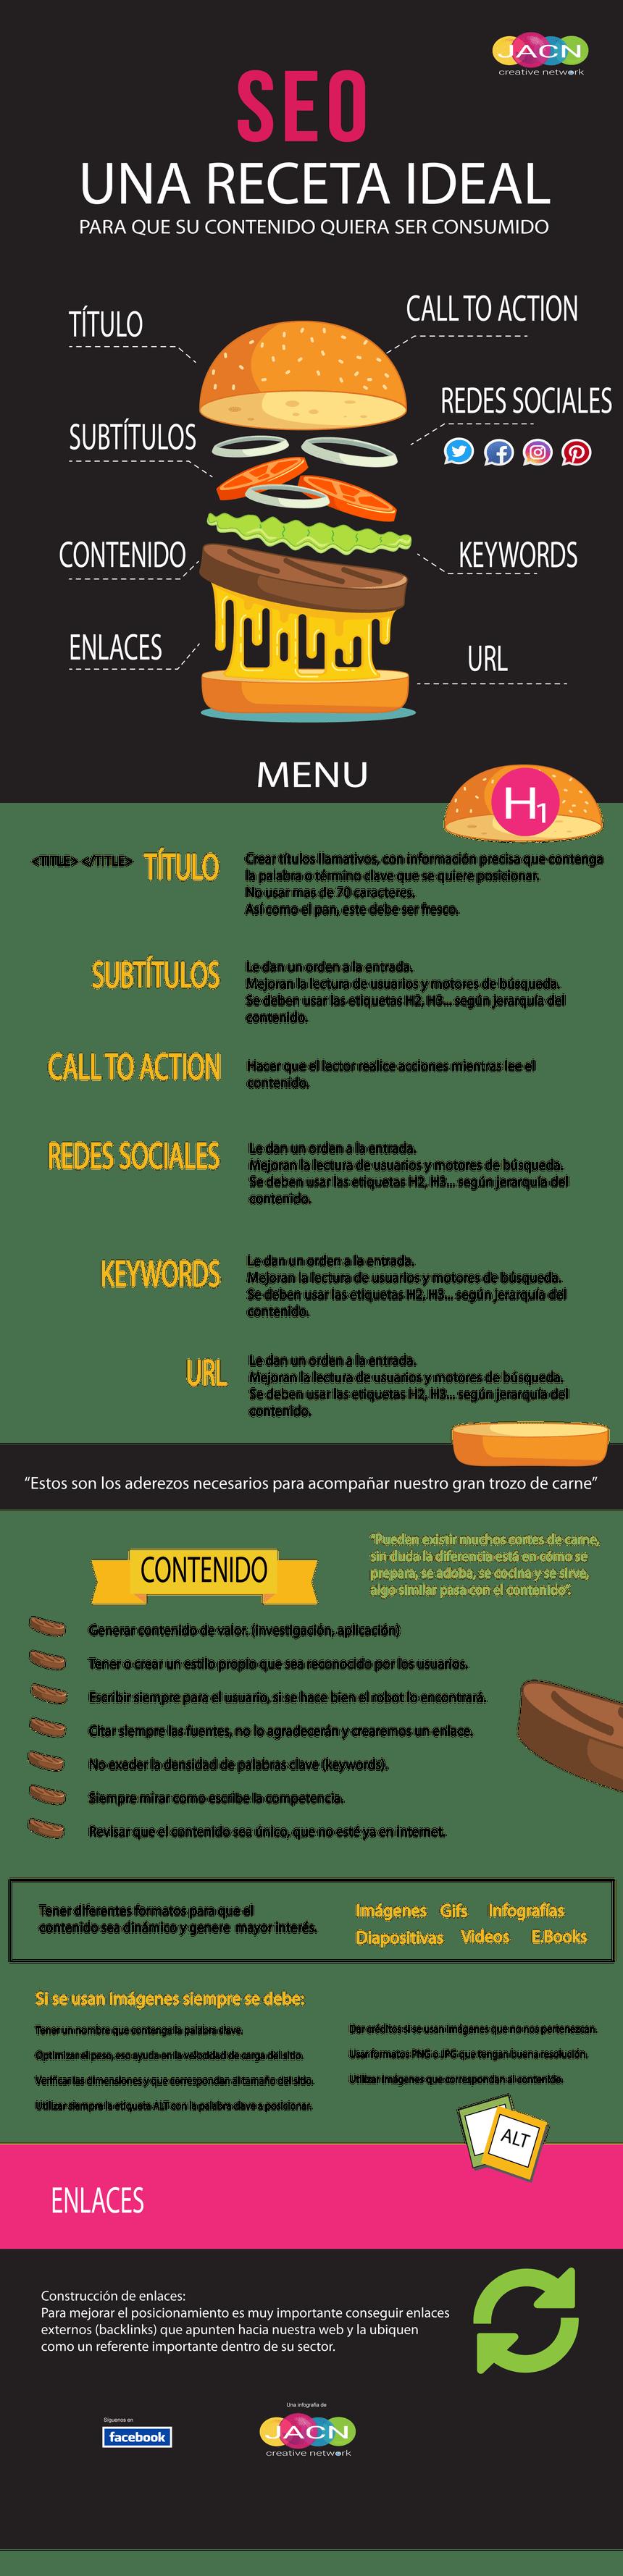 SEO: receta ideal para que tu contenido se consuma #infografia #infographic #seo